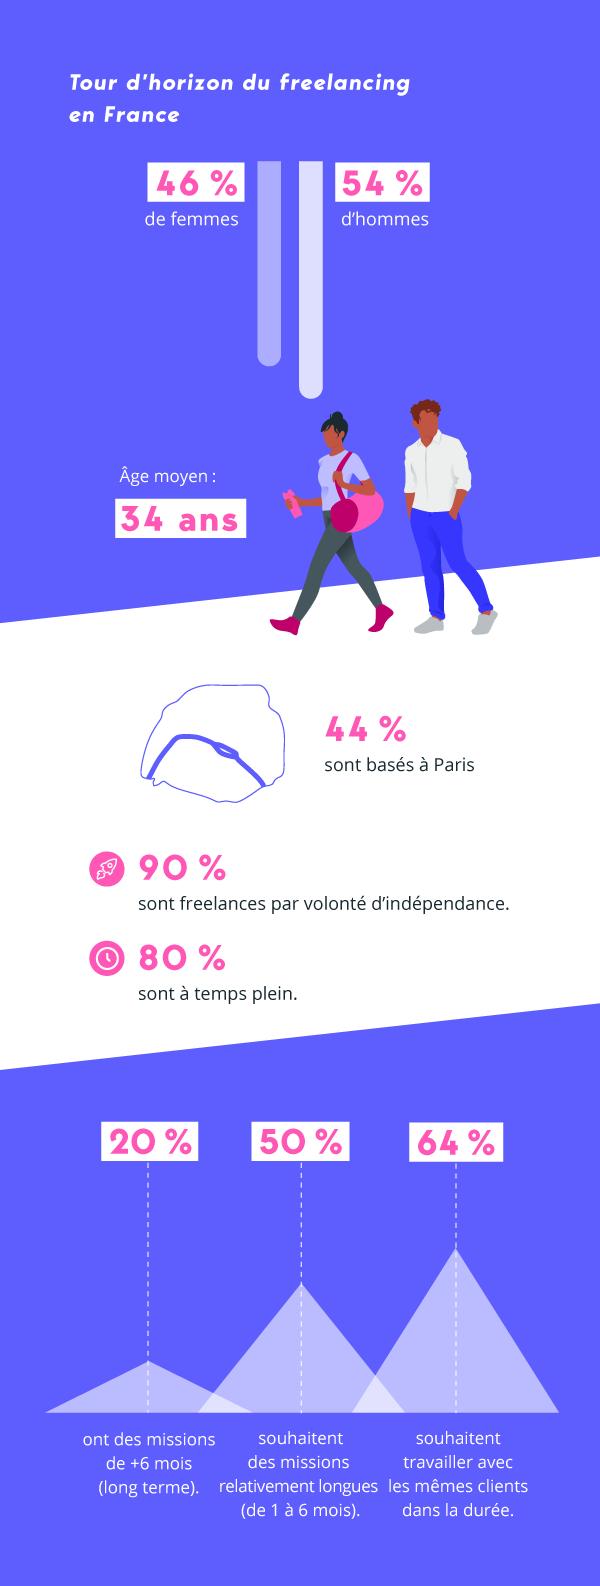 Infographie - Tour d'horizon du freelancing en France